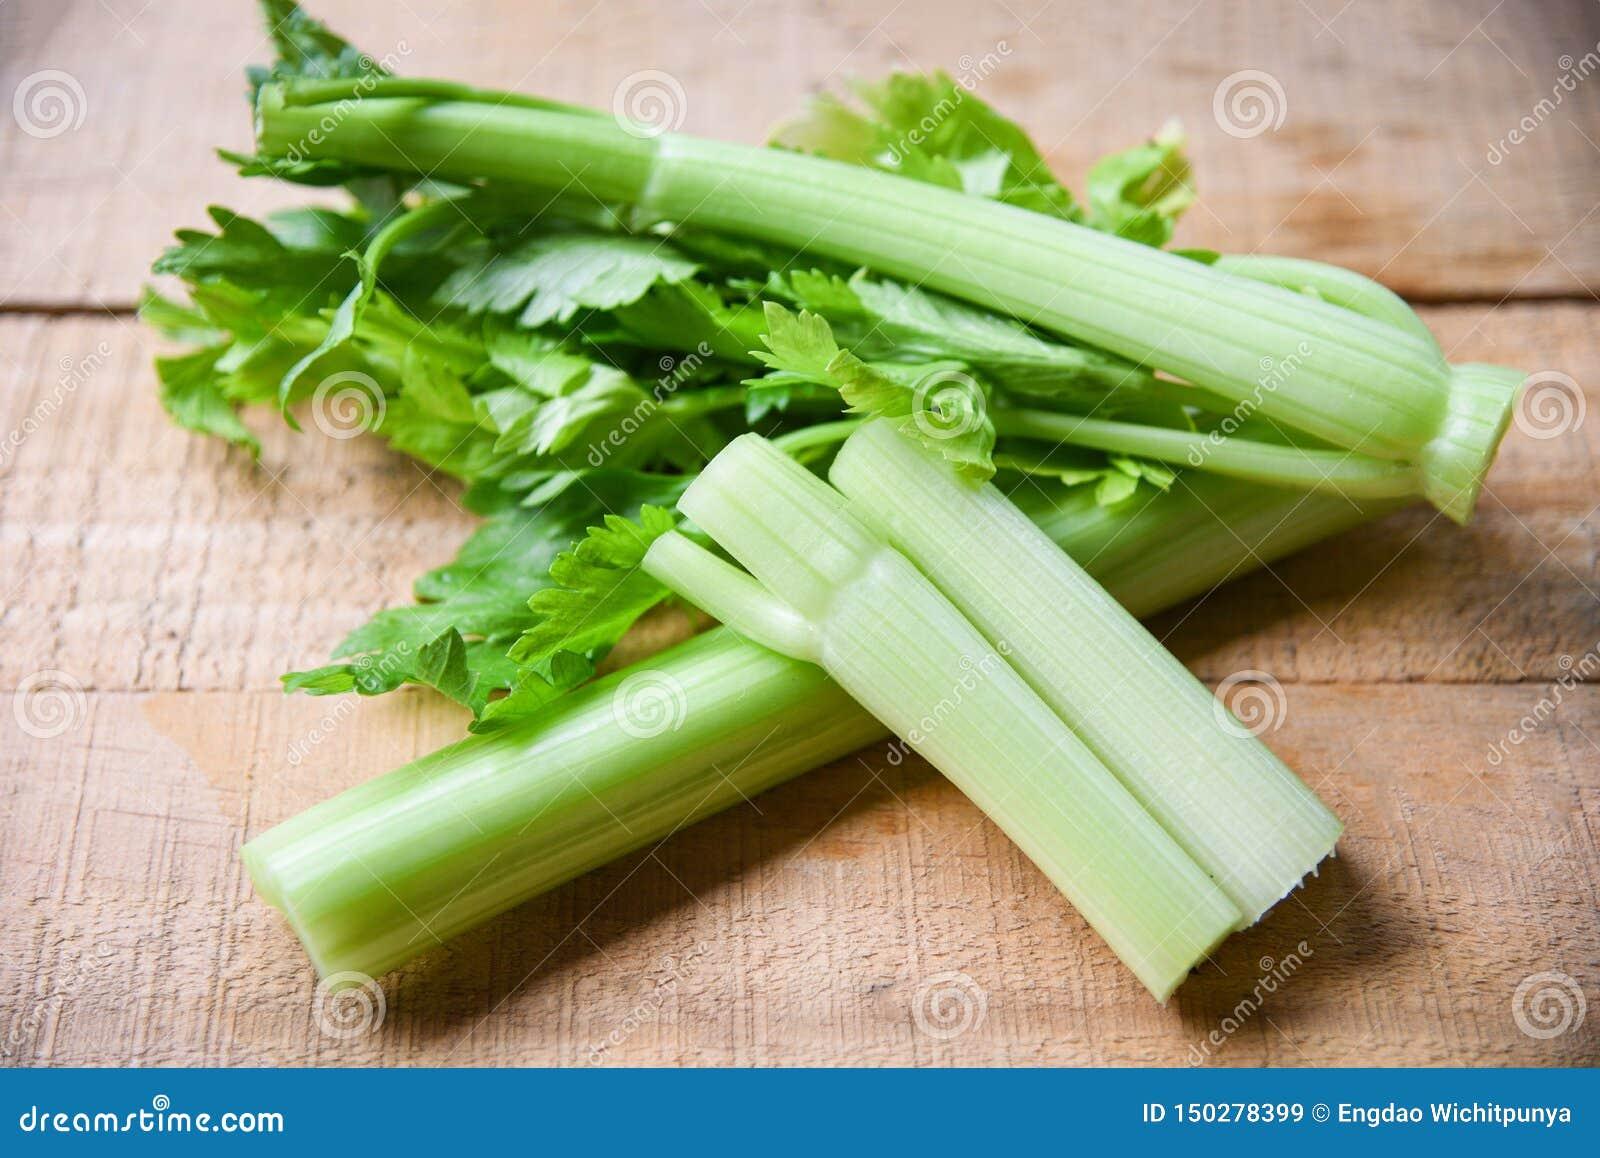 Τα ραβδιά σέλινου και βγάζουν φύλλα το φρέσκο λαχανικό - δέσμη του μίσχου σέλινου στο ξύλινο υπόβαθρο